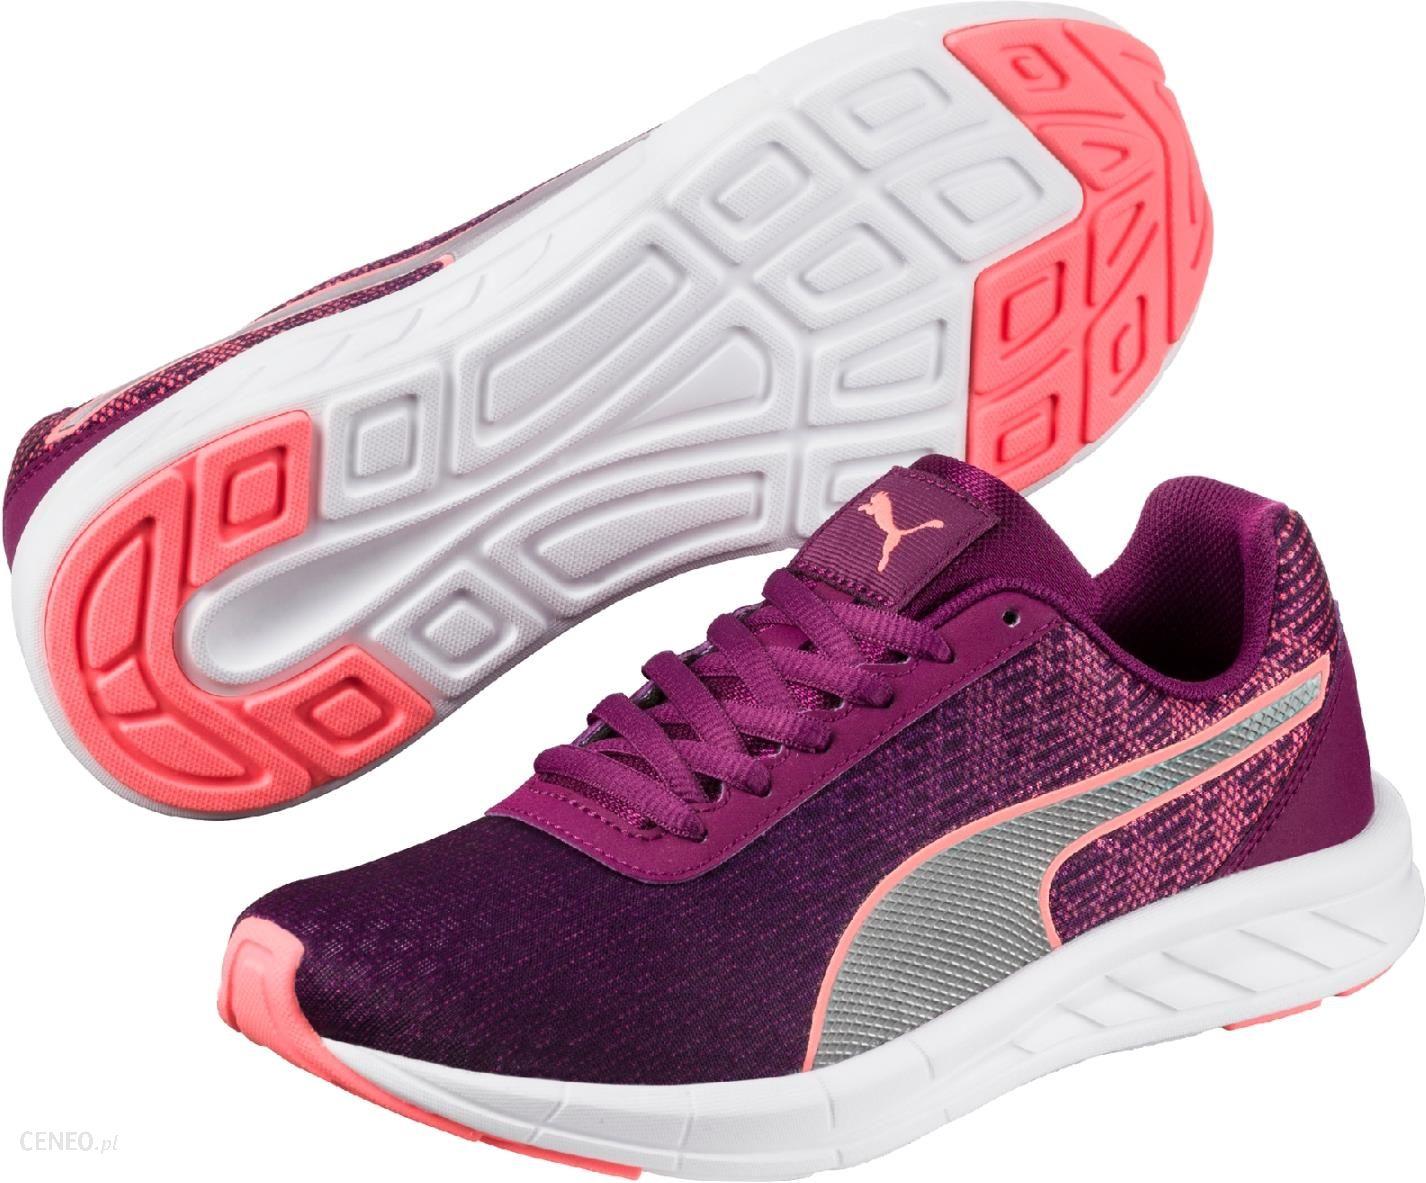 Puma buty dziecięce Comet Jr Nrgy Peach Dark Purple 35,5 Ceny i opinie Ceneo.pl